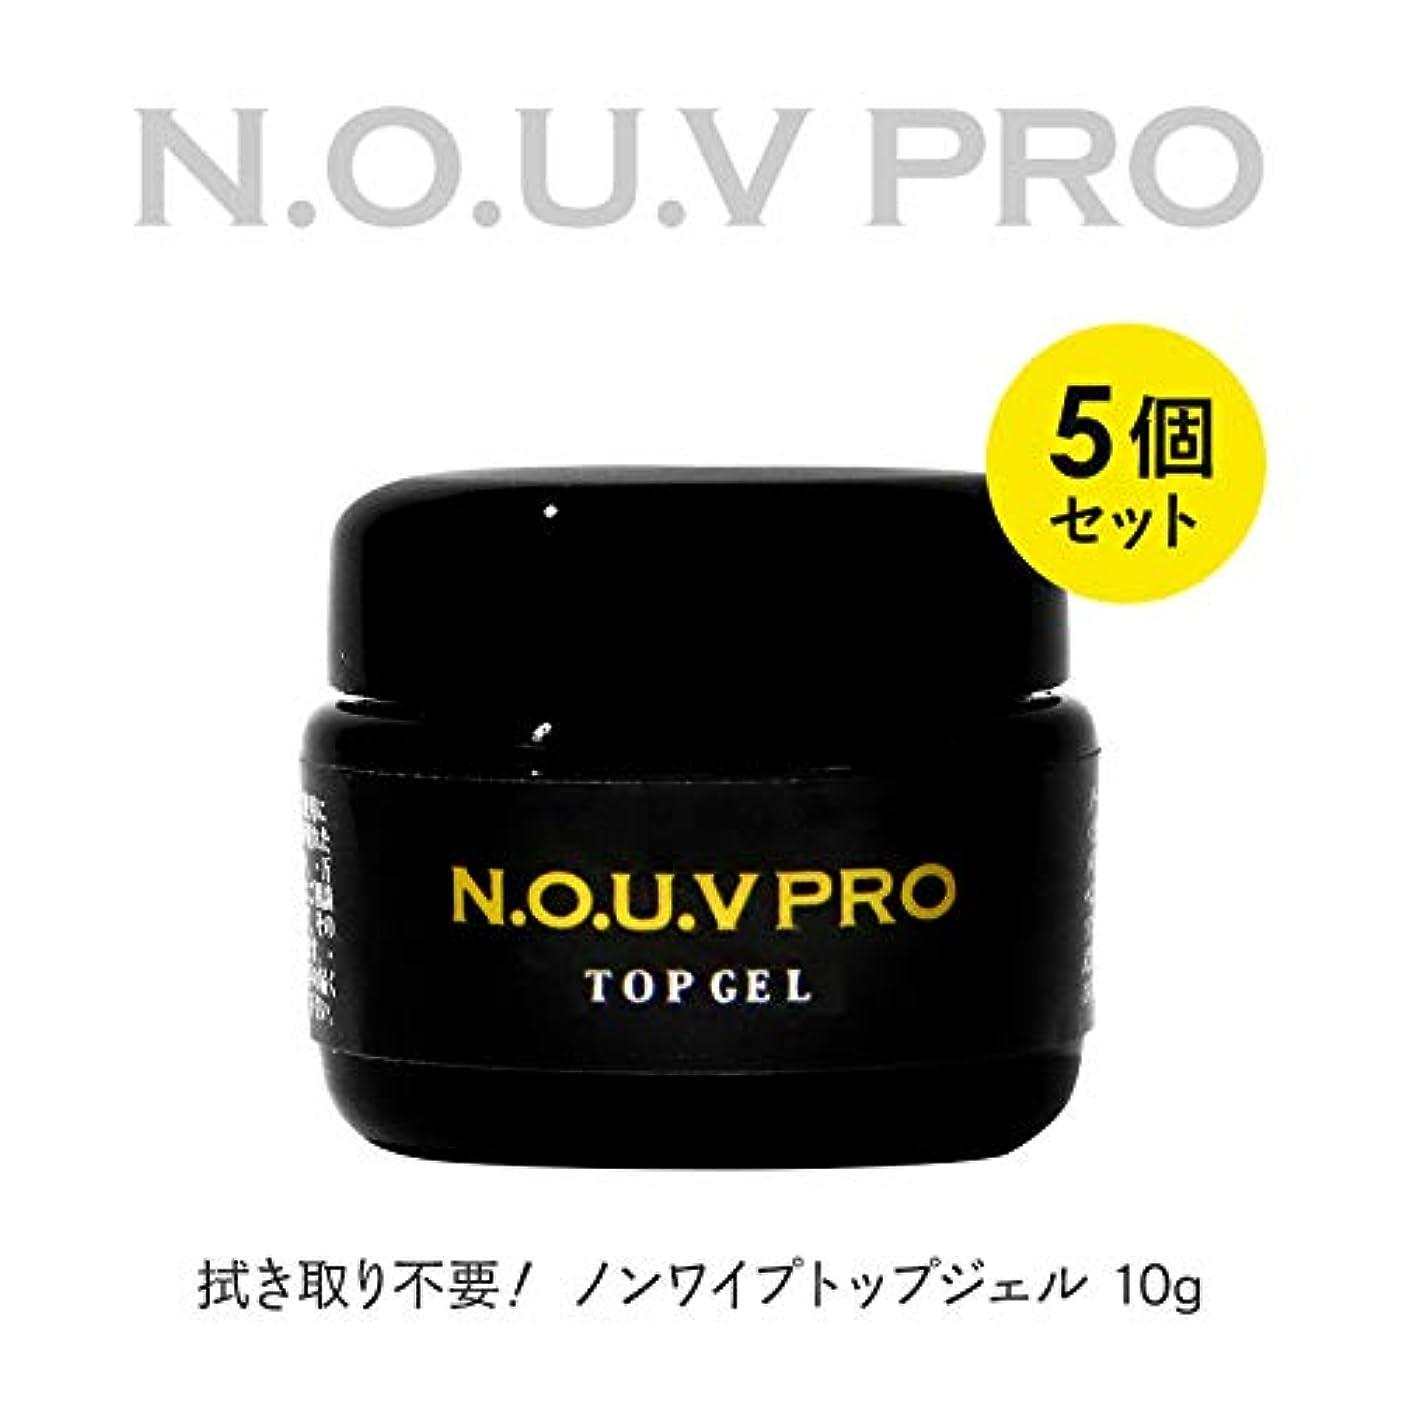 材料評判罰NOUV PRO(ノーヴプロ)ノンワイプクリアトップジェル 10g×5個セット